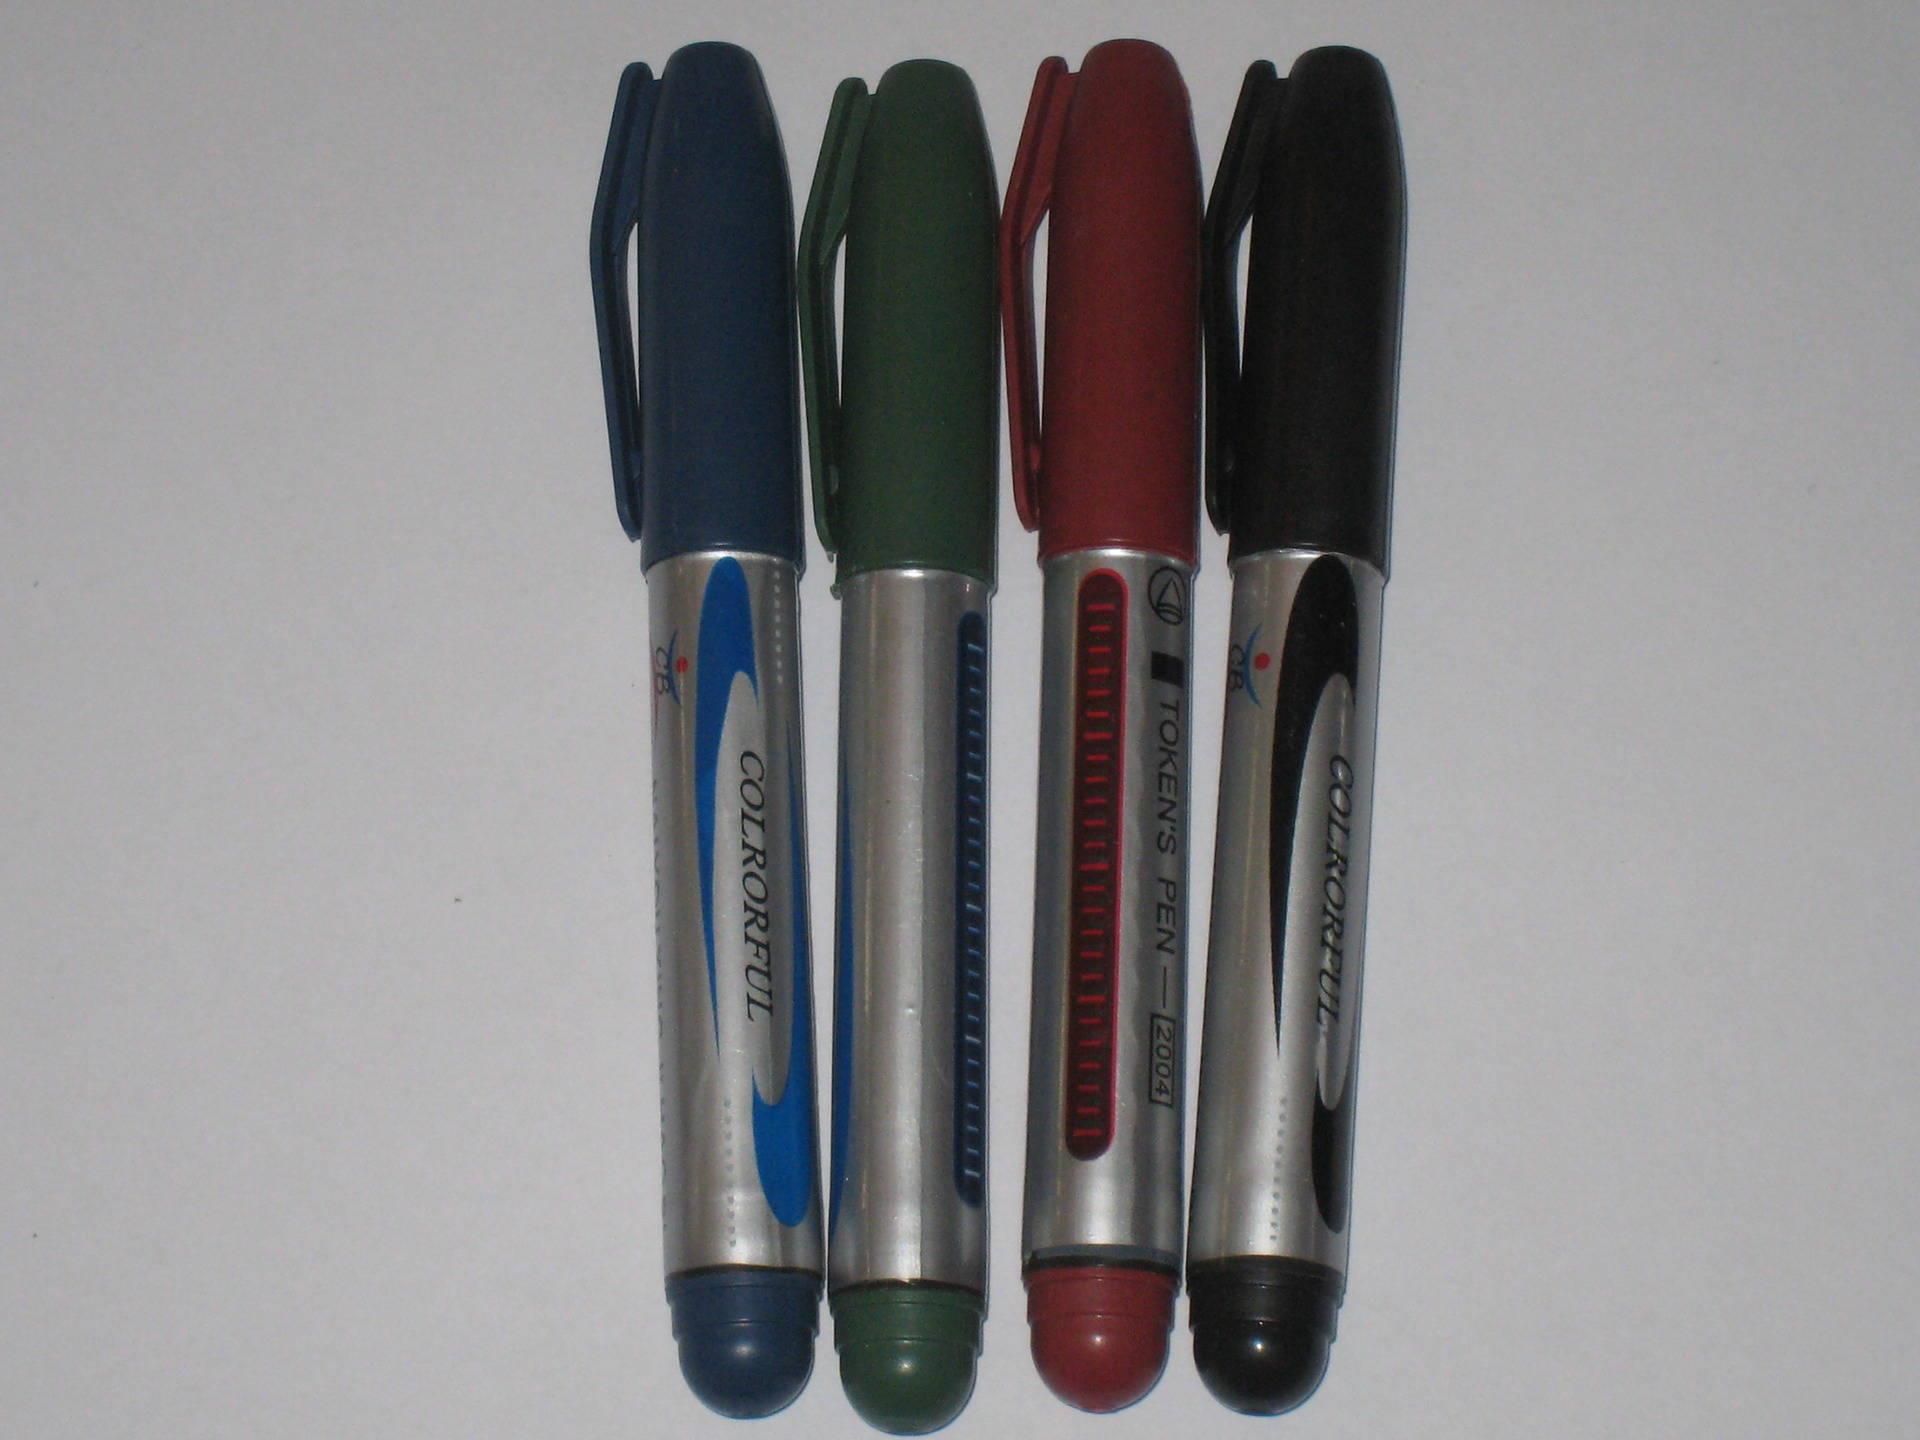 Marqueur permanent indélébile 4 couleurs